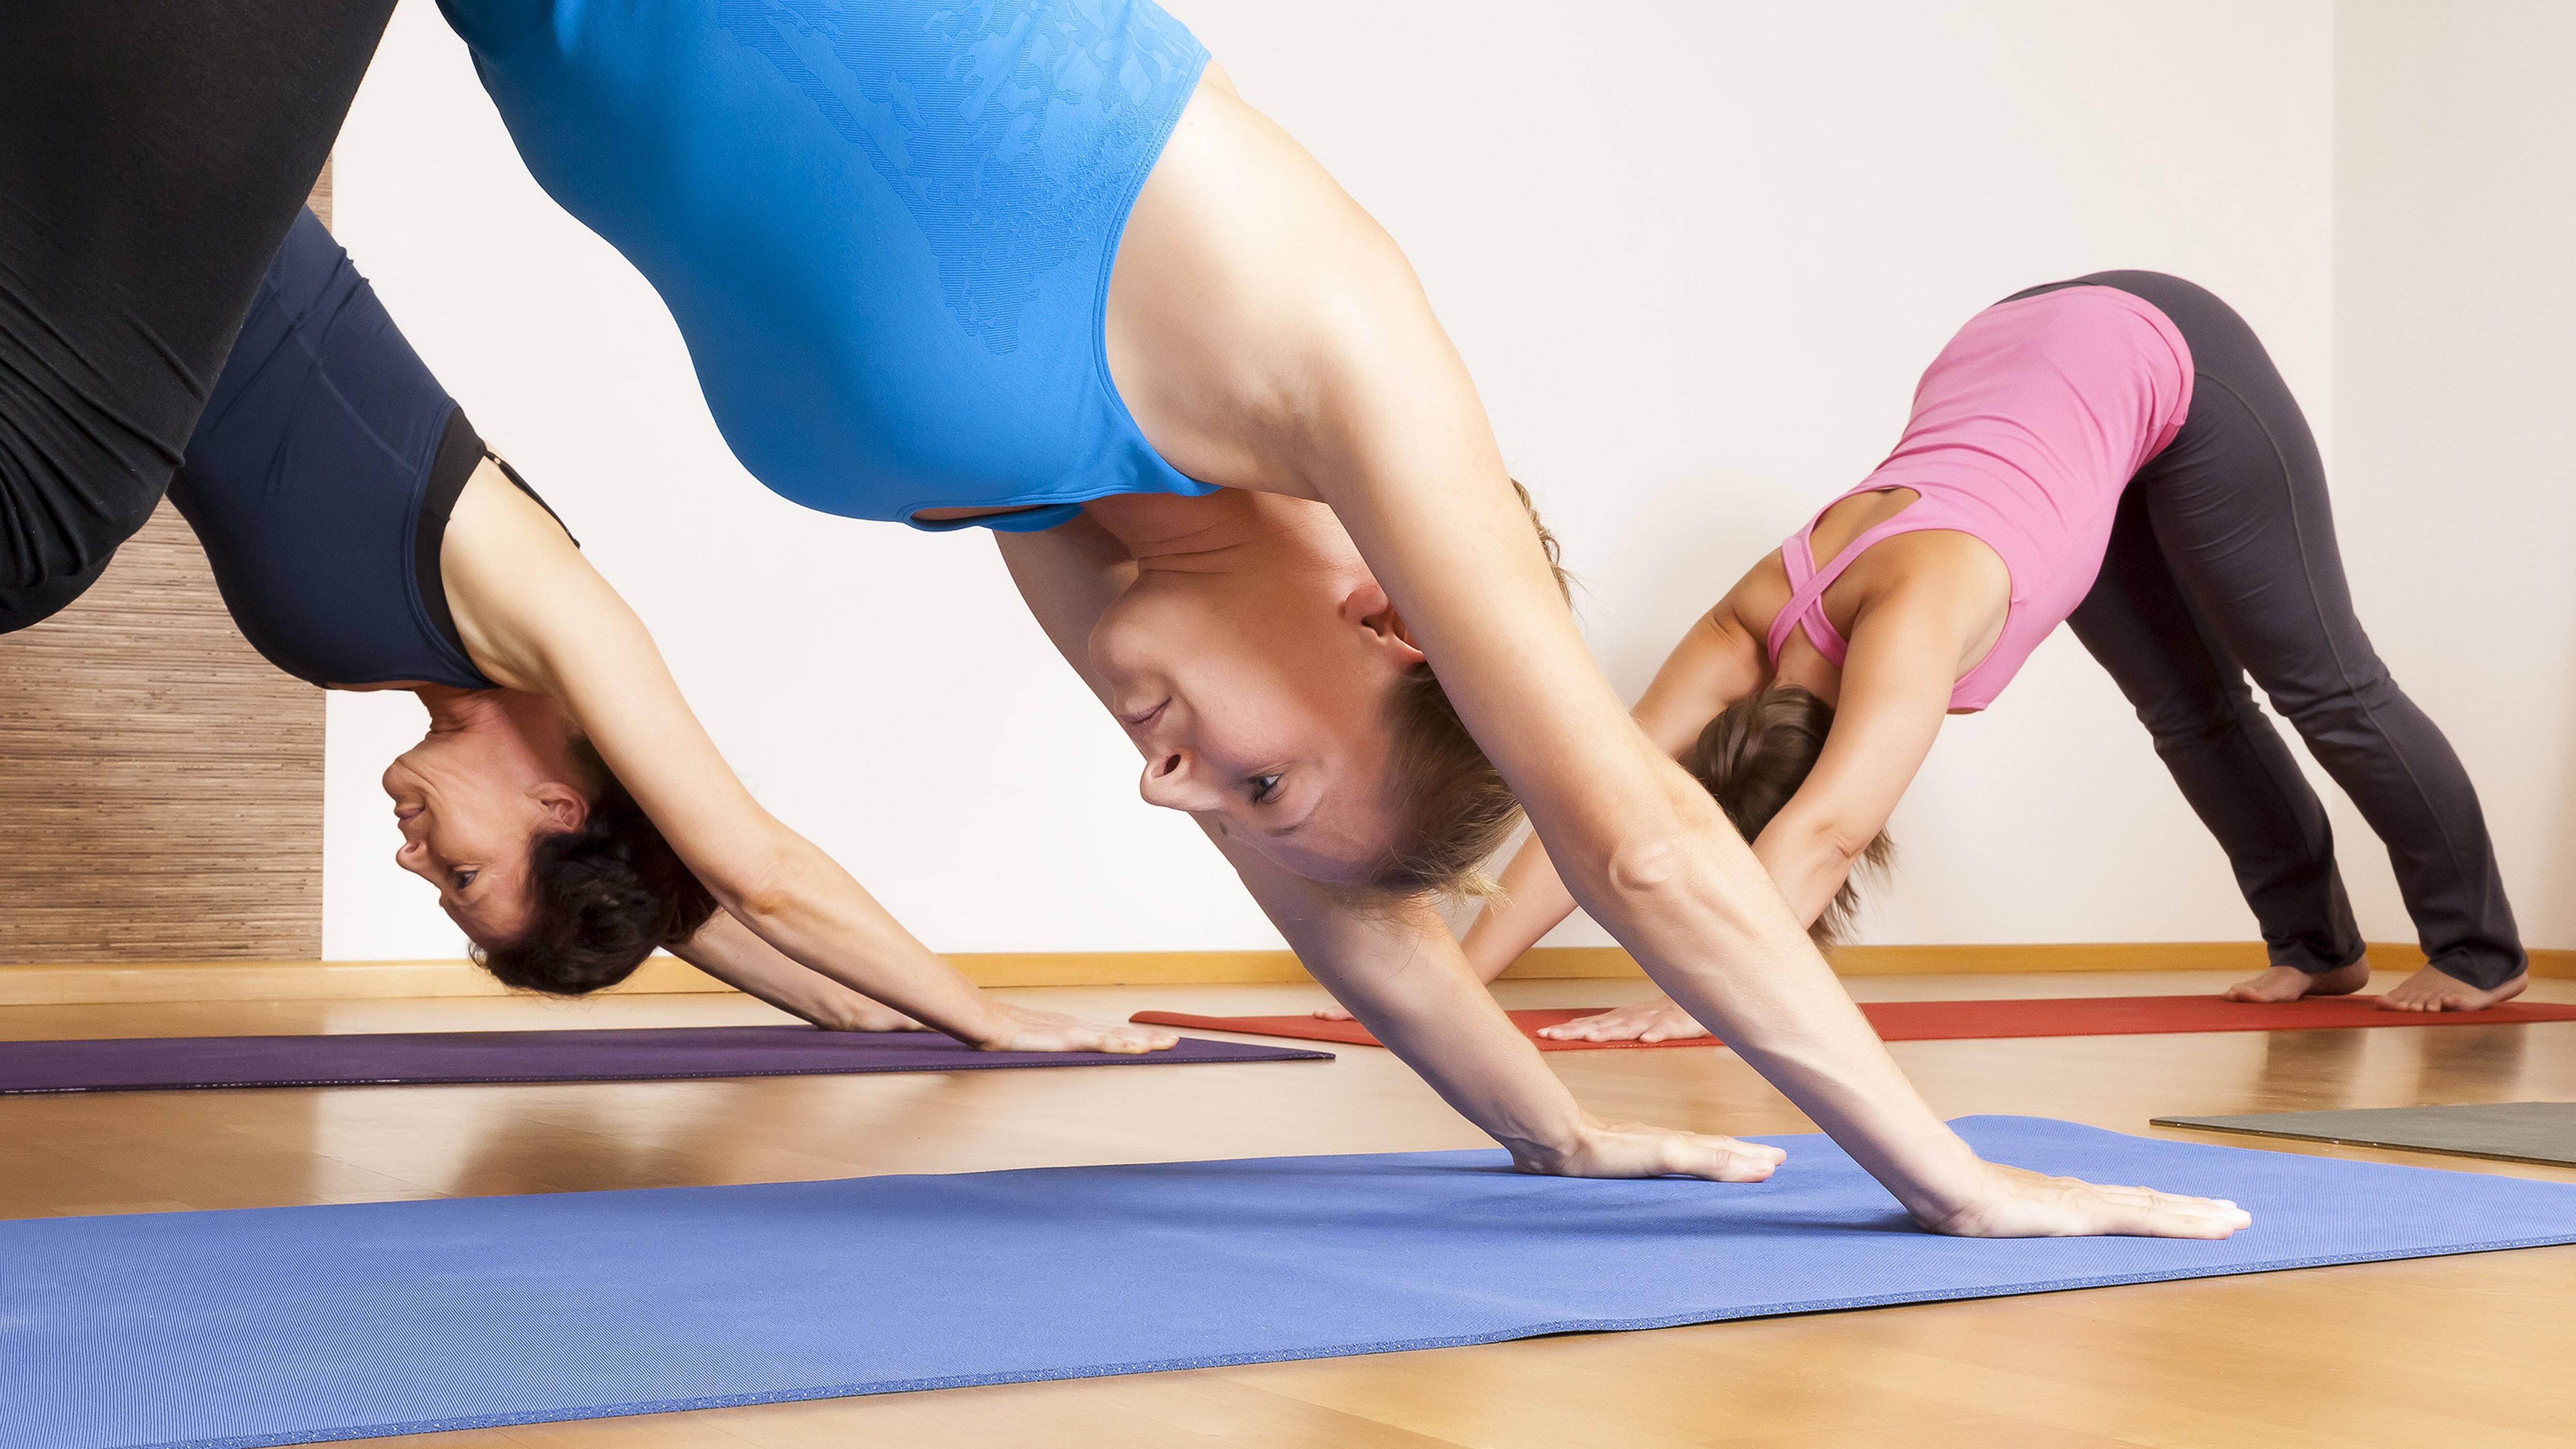 Übungen für mehr Beweglichkeit: So werden Sie gelenkig